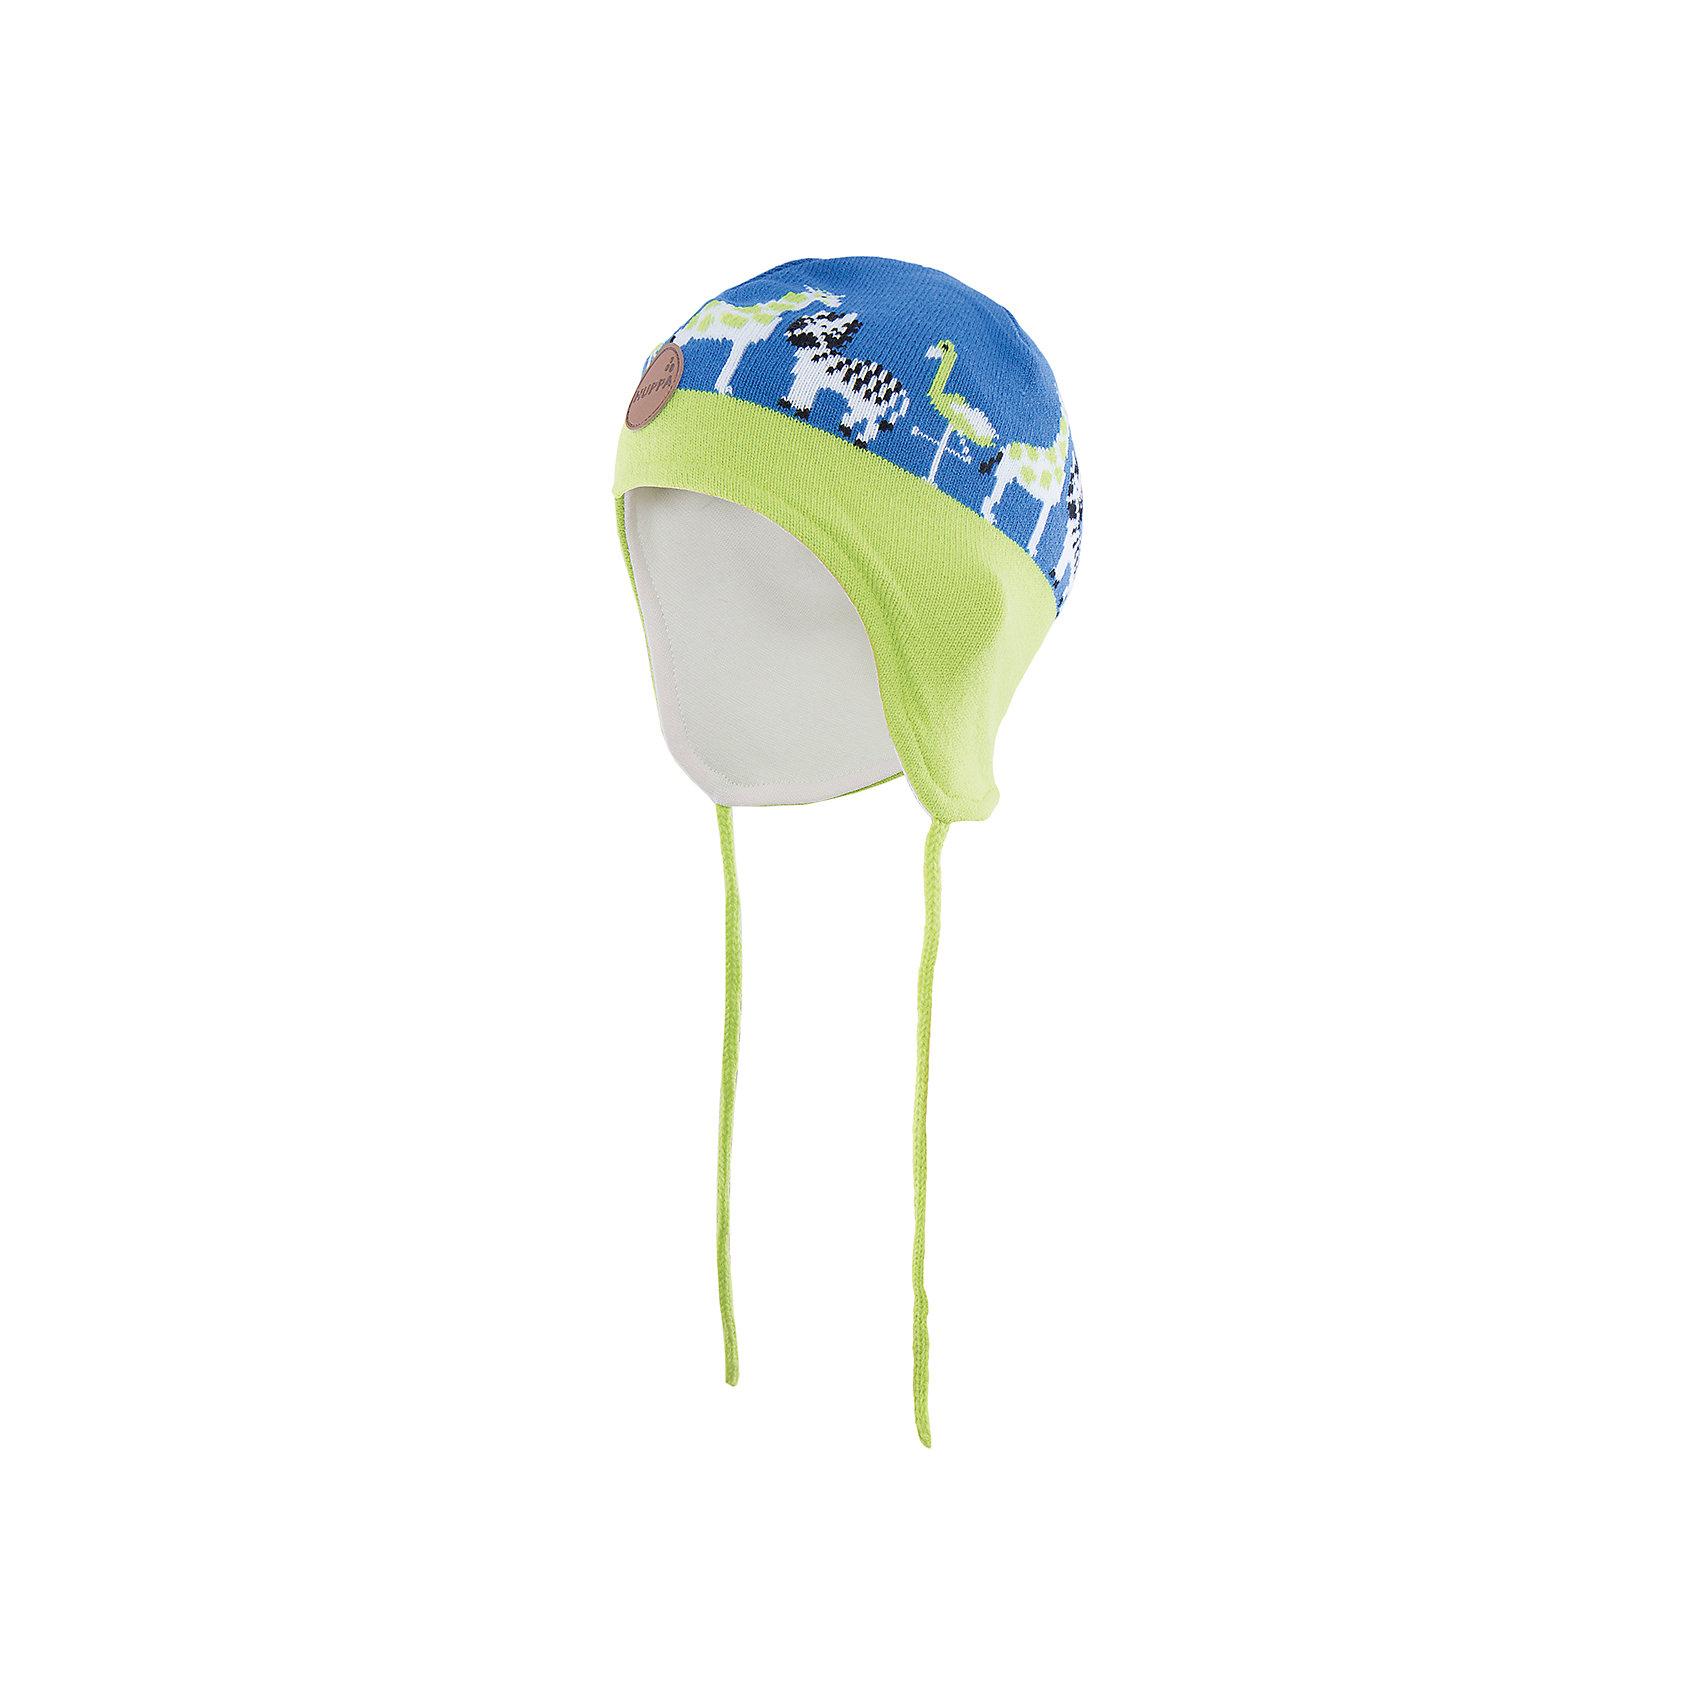 Шапка  HuppaШапочки<br>Стильная шапка Karro со зверюшками от Huppa(хуппа) изготовлена из акрила и прекрасно сохраняет тепло. Кроме того, она отлично закрывает уши и не даст ребенку замерзнуть, даже в мороз!<br><br>Дополнительная информация:<br>Цвет: синий/лайм<br>Состав: 100% акрил<br>Подкладка: трикотаж - 100% хлопок<br><br>Шапку от Huppa(хуппа) вы можете приобрести в нашем интернет-магазине.<br><br>Ширина мм: 89<br>Глубина мм: 117<br>Высота мм: 44<br>Вес г: 155<br>Цвет: синий<br>Возраст от месяцев: 9<br>Возраст до месяцев: 12<br>Пол: Мужской<br>Возраст: Детский<br>Размер: 43-45,51-53,47-49<br>SKU: 4923509